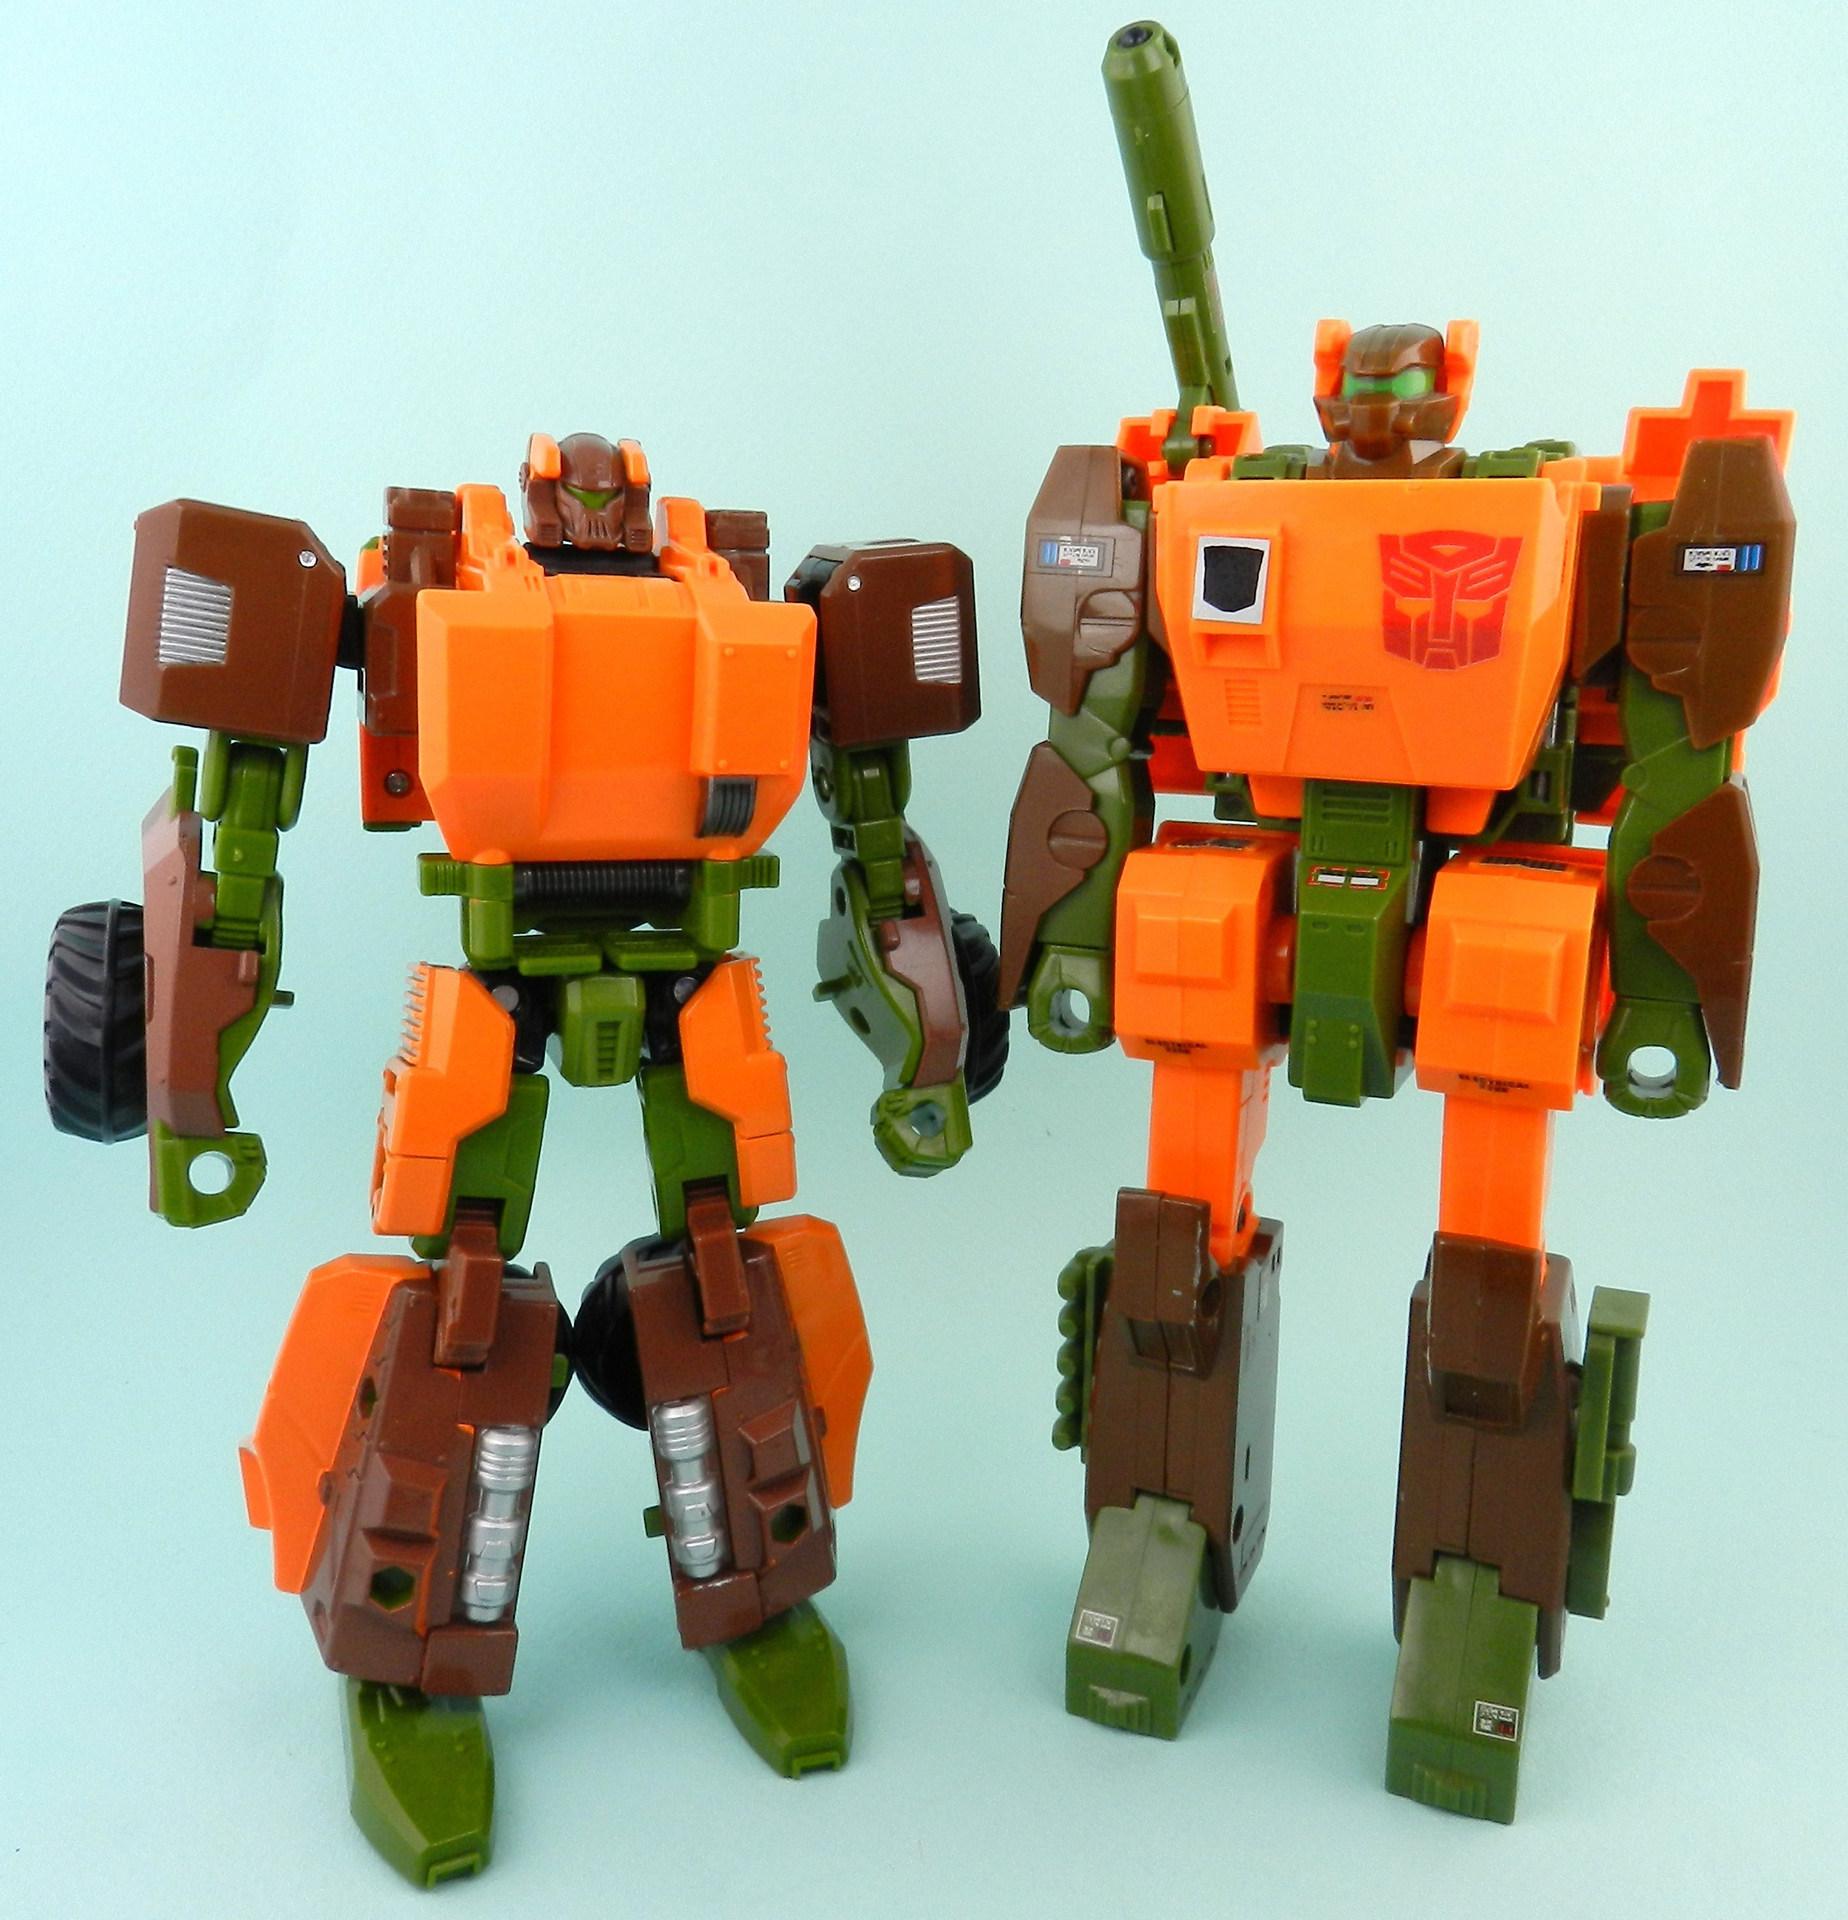 roadbuster-with-generation-1-roadbuster-robot-1-jpg.jpg